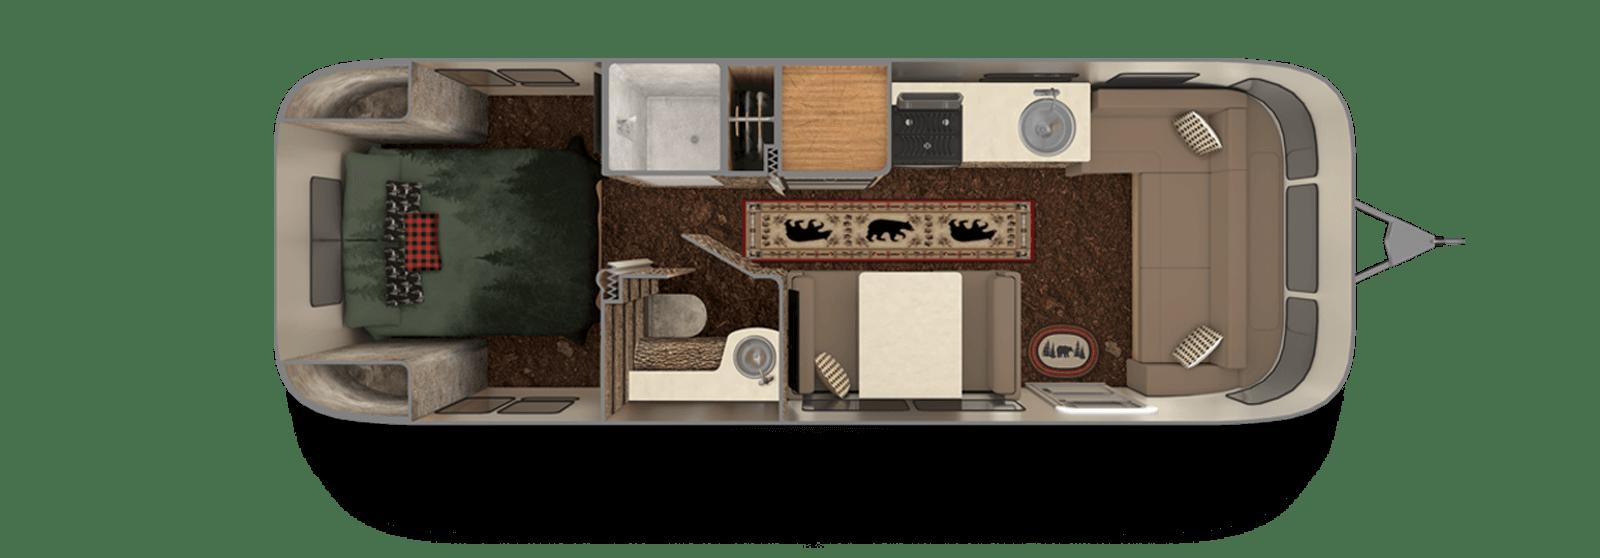 Floorplans_Bearstream_ShadowForWebsite